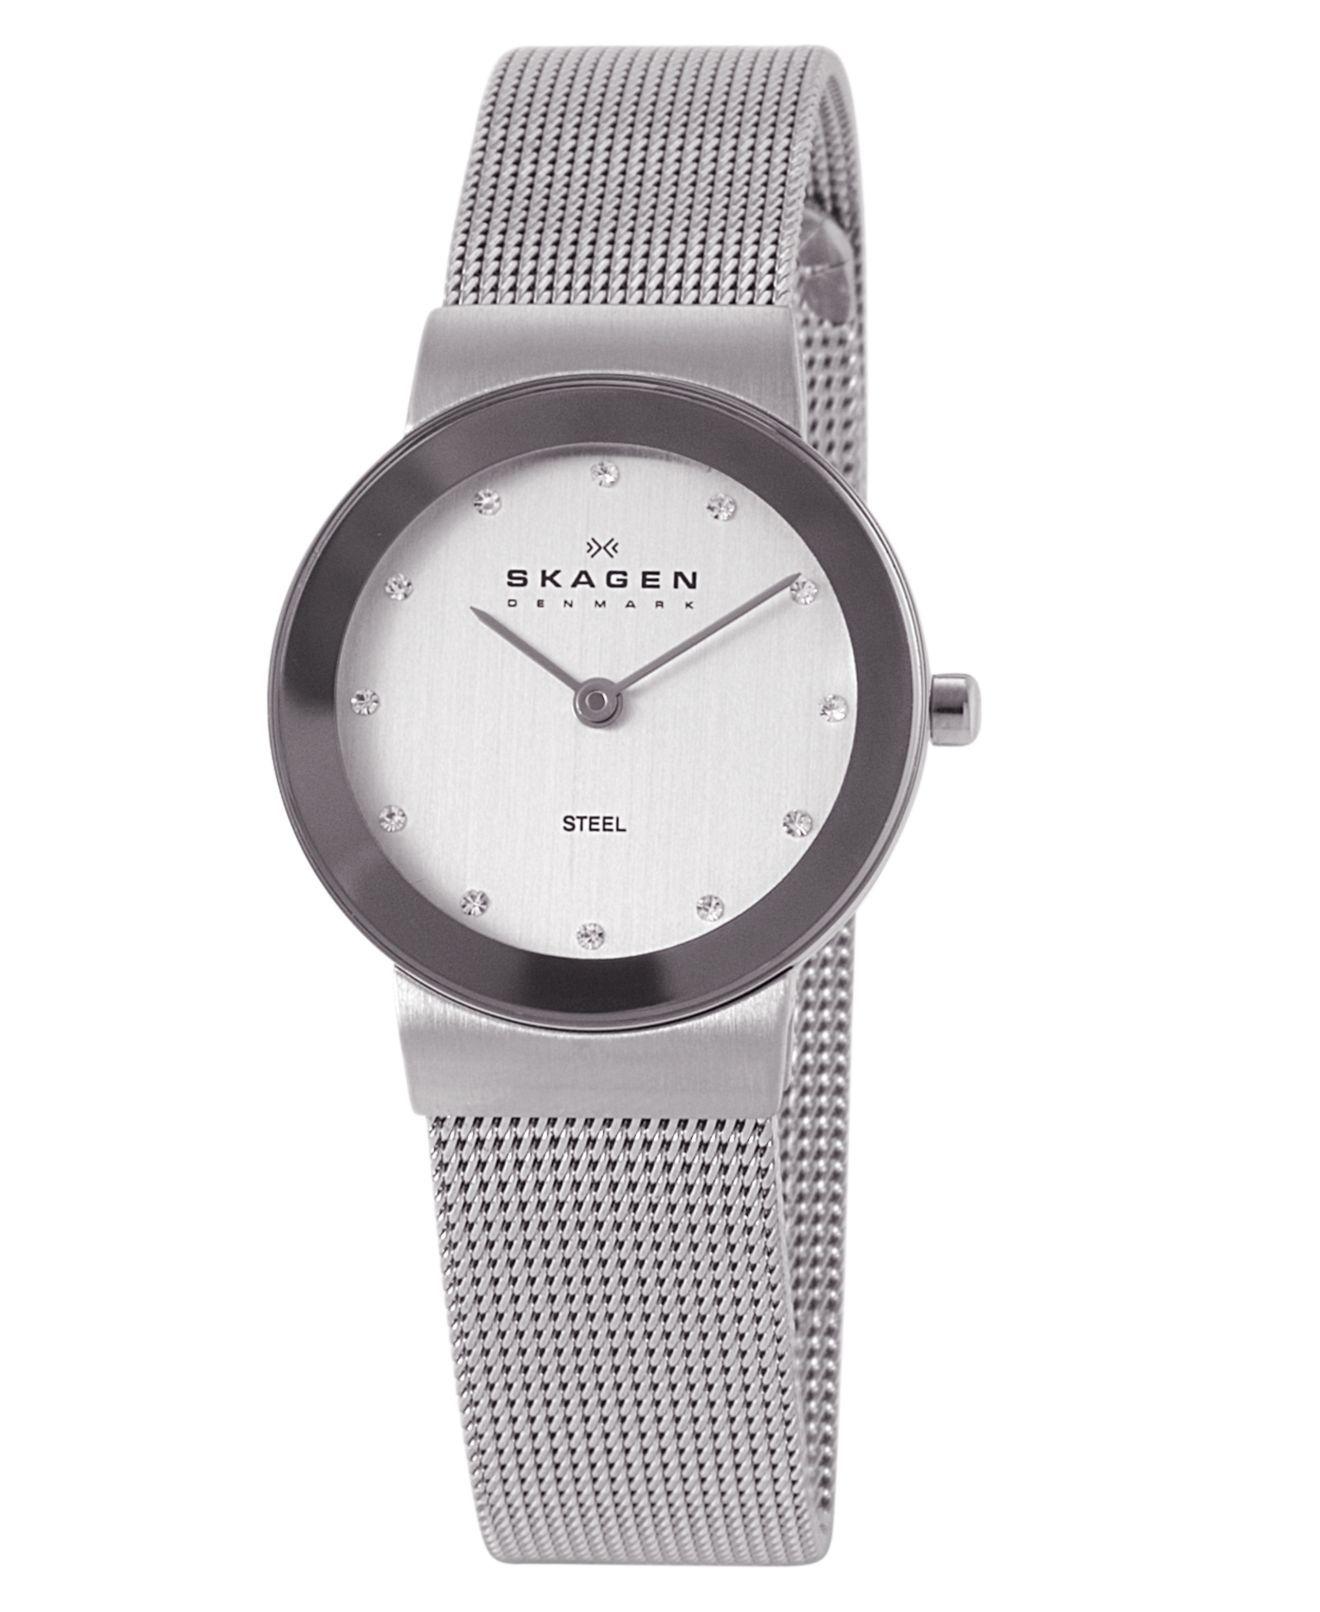 Skagen Denmark Women s Stainless Steel Mesh Bracelet 358SSSD - Women s  Watches - Jewelry   Watches - Macy s 2fd8238dc0